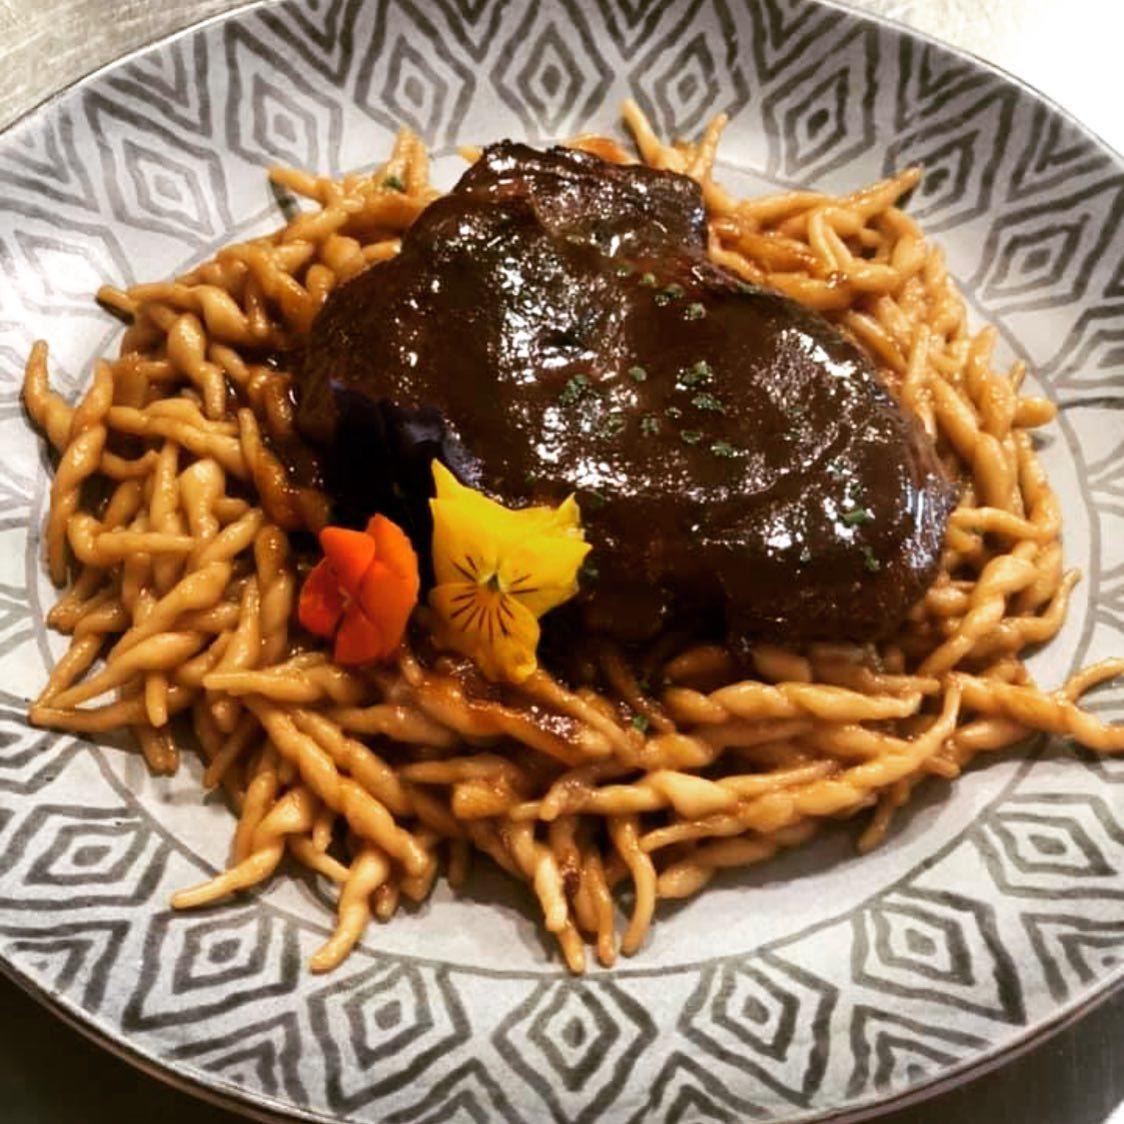 «Κότταβος»: Η παραδοσιακή ταβέρνα μας φέρνει σπίτι πιάτα από όλη την Ελλάδα